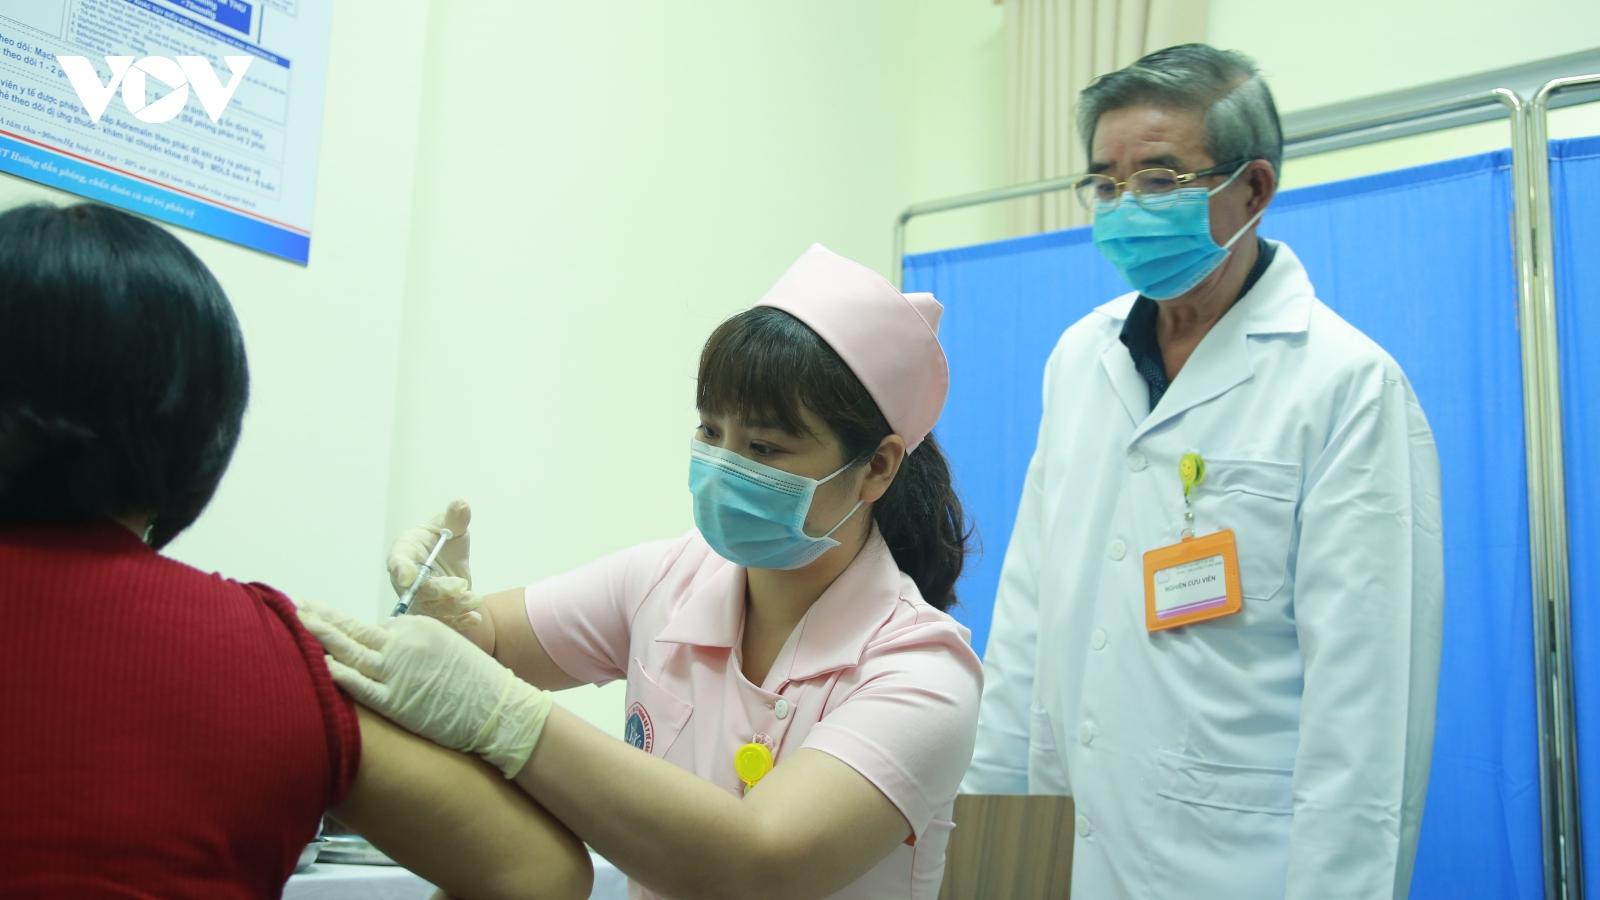 Sáng 23/3, 15 tình nguyện viên tiếp theo tiêm vaccine COVIVAC